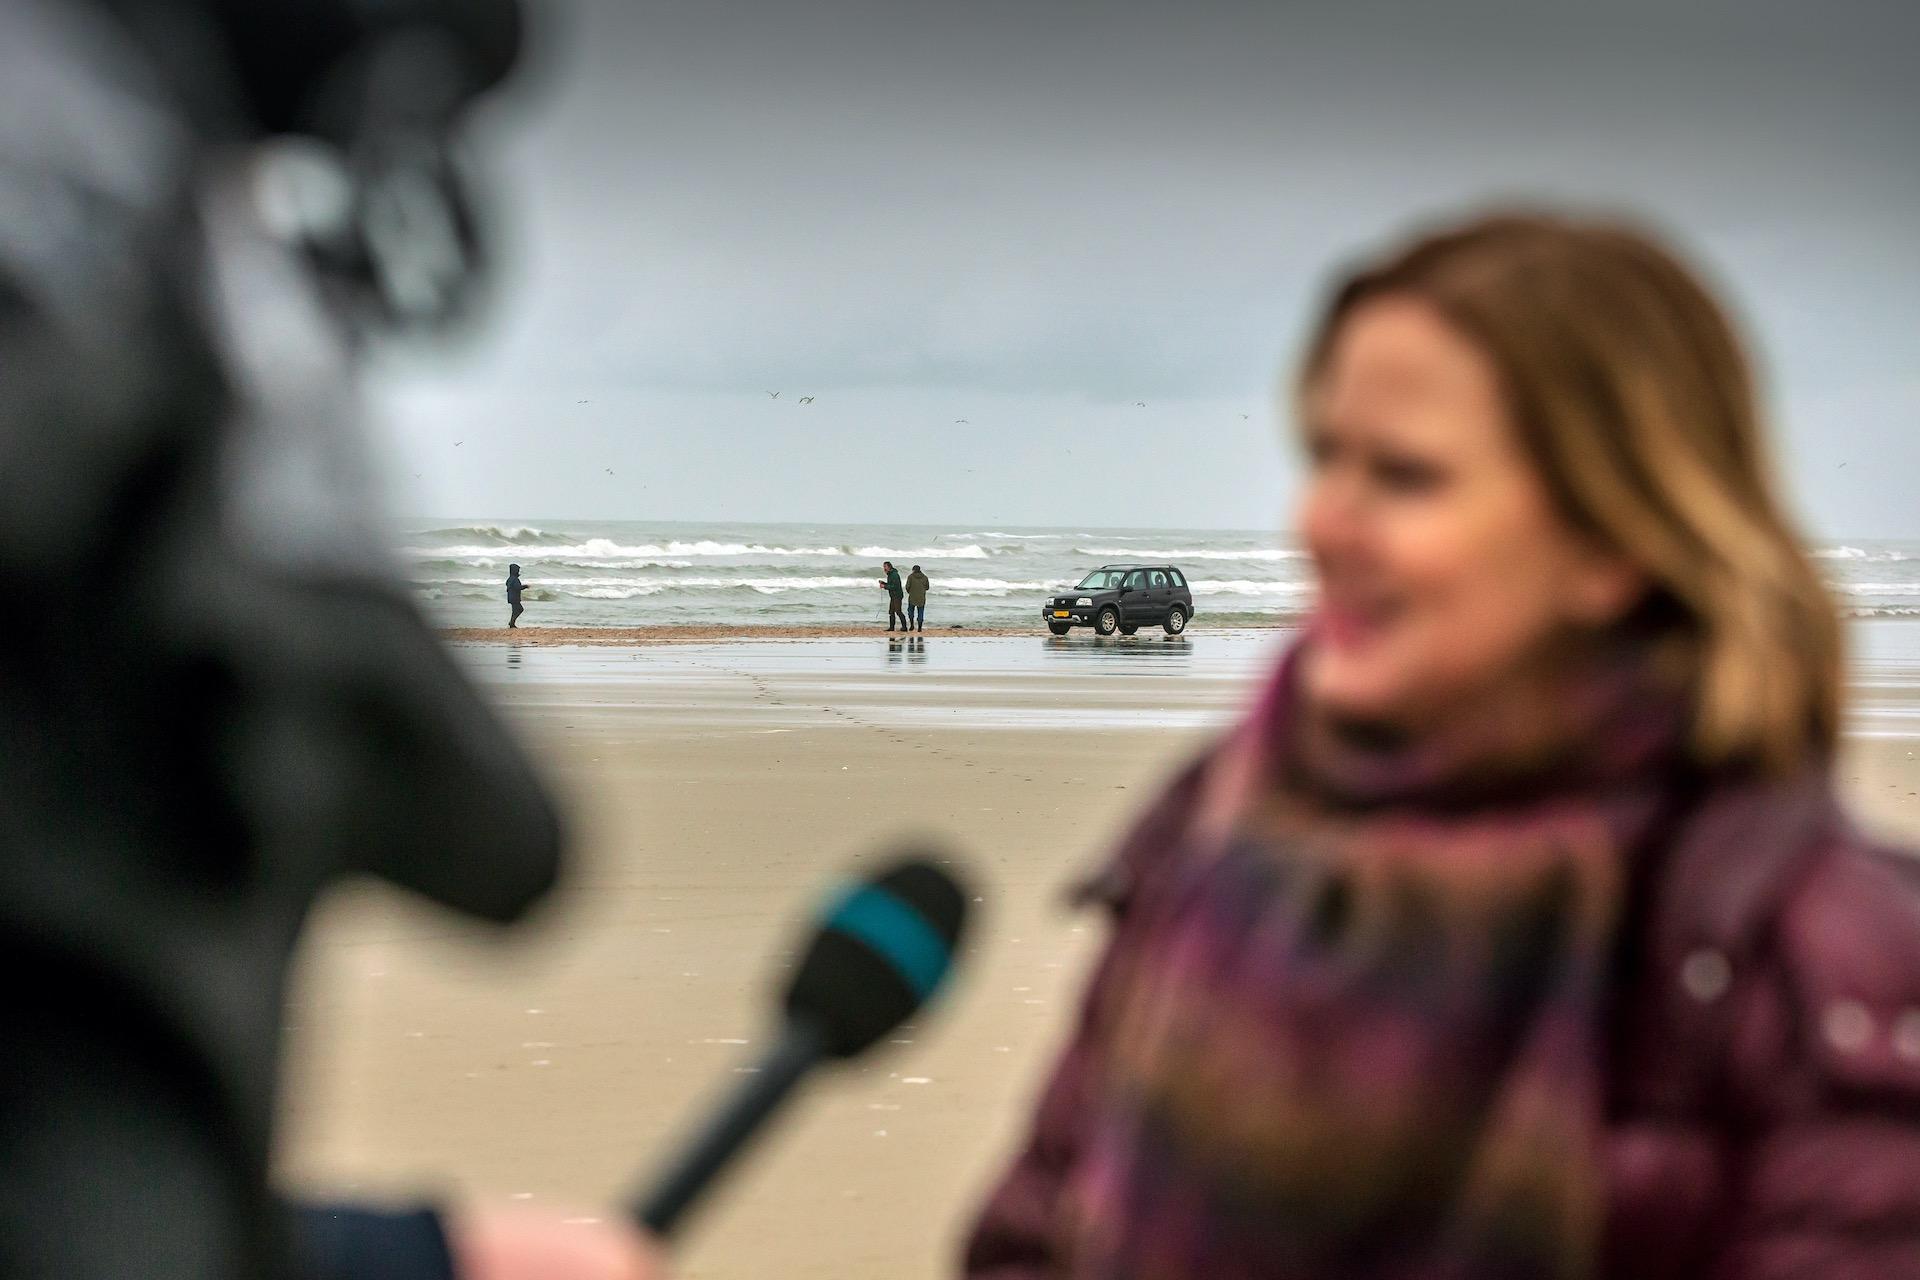 Van Nieuwenhuizen neemt het woord 'ecologische ramp' in de mondMinister Cora van Nieuwenhuizen (Infrastructuur en Waterstaat) brengt donderdag een werkbezoek aan Terschelling. Ze zal zich daar persoonlijk op de hoogte stellen over de gevolgen van de 290 containers die vorige week zijn verloren door het containerschip MSC Zoe bij de Waddeneilanden.foto 8